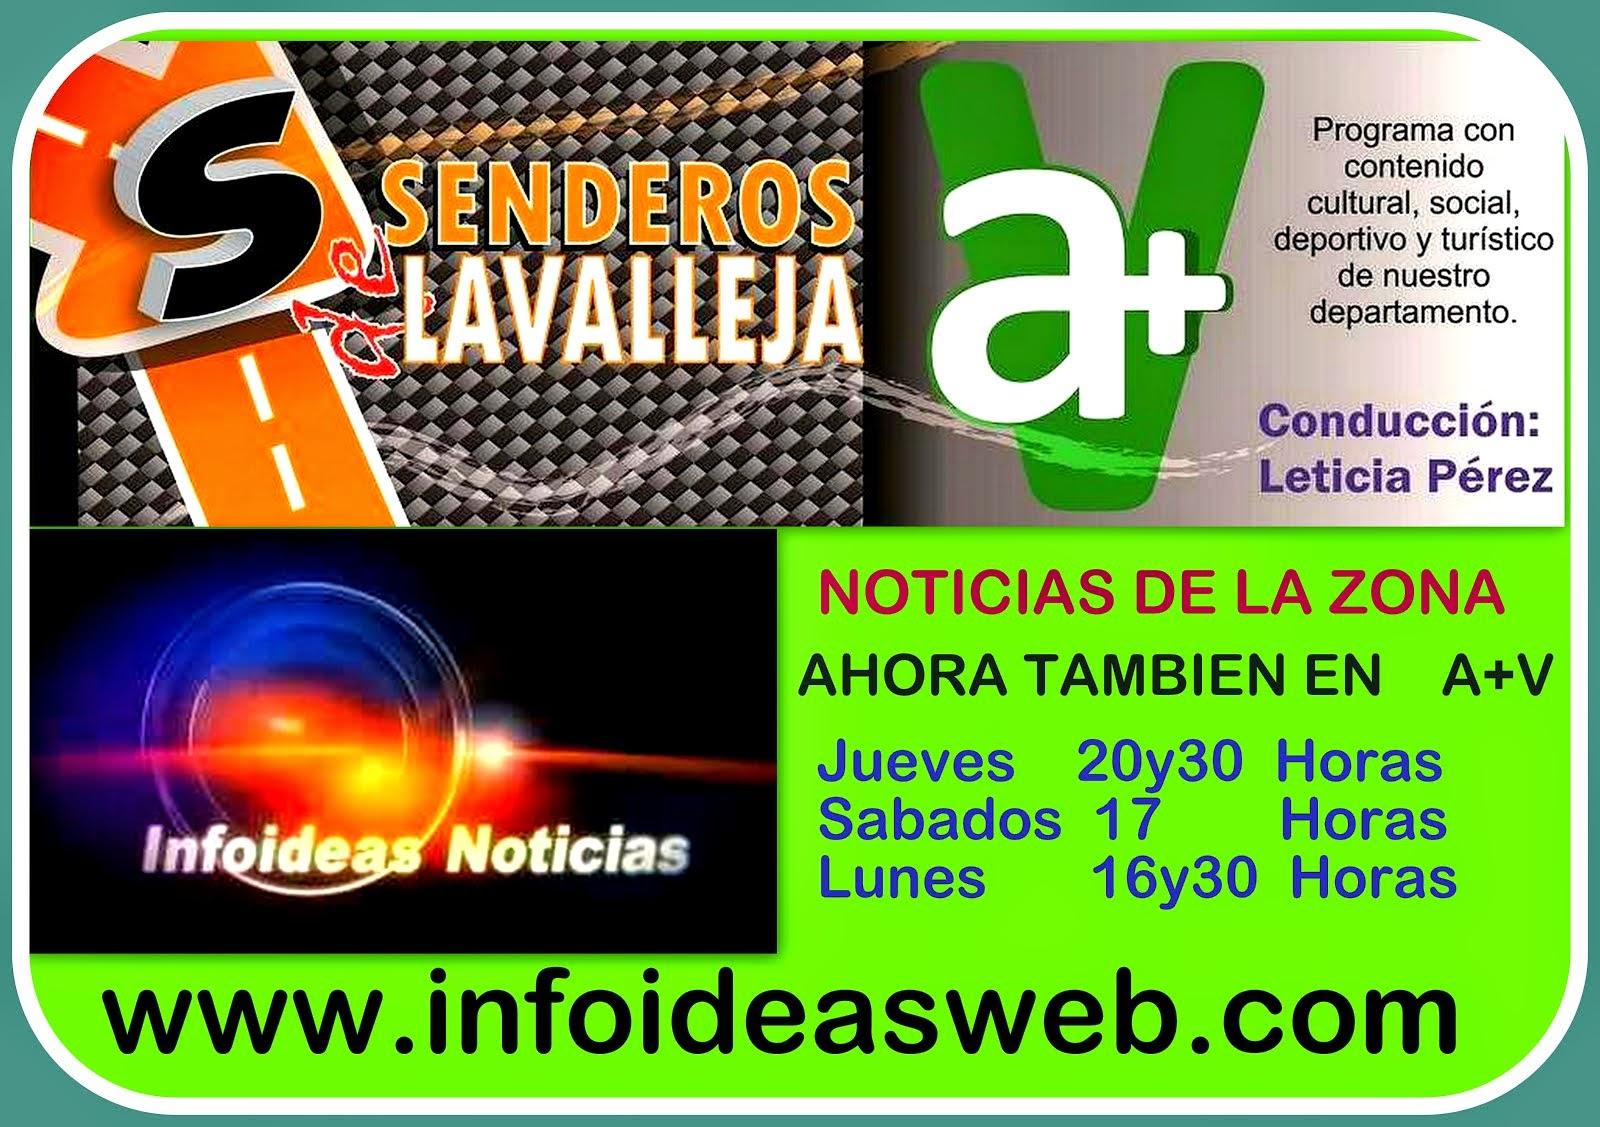 Senderos de Lavalleja  en A+V--infoideas tv